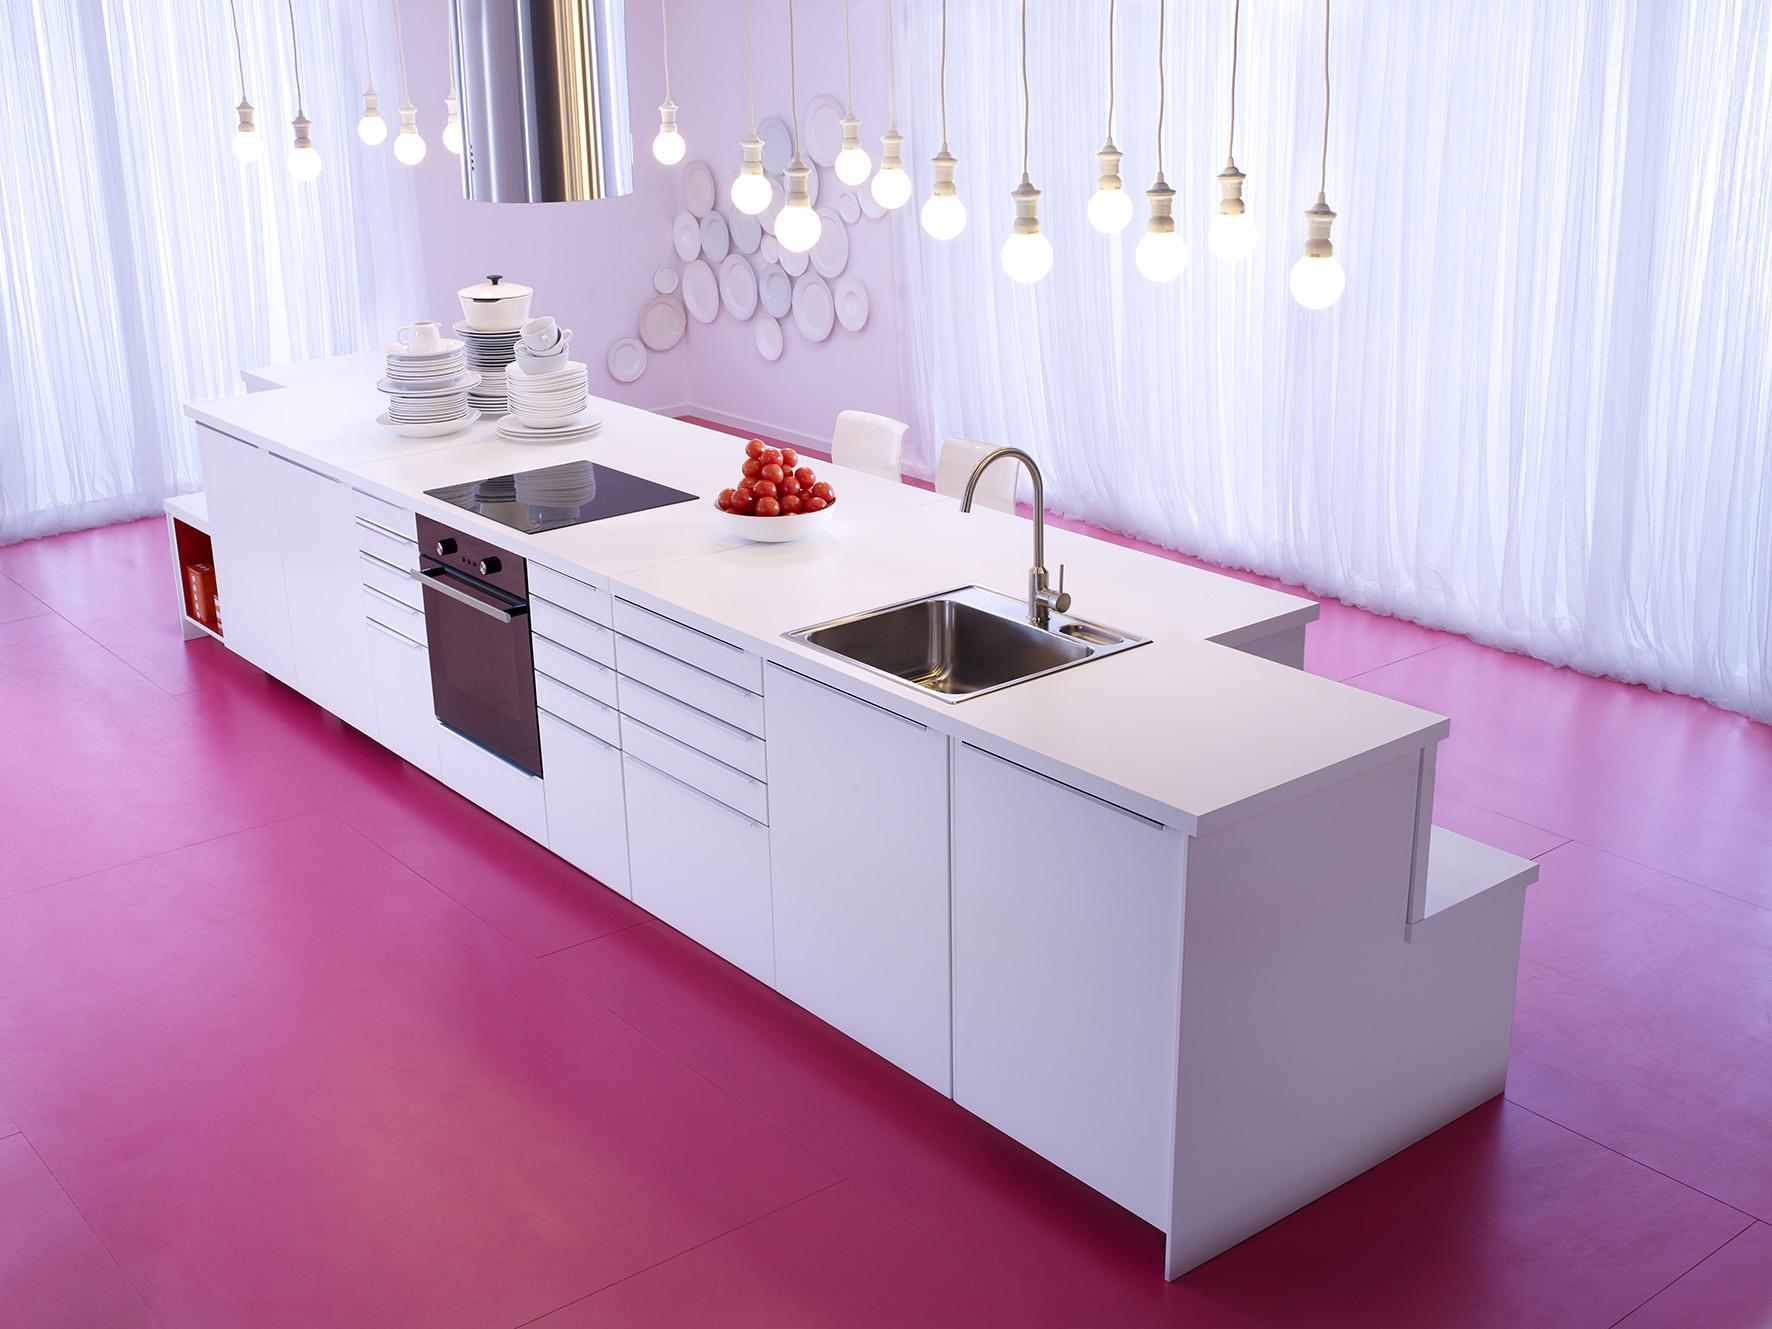 de nieuwe metod keukens van ikea nieuws startpagina voor keuken idee n uw. Black Bedroom Furniture Sets. Home Design Ideas